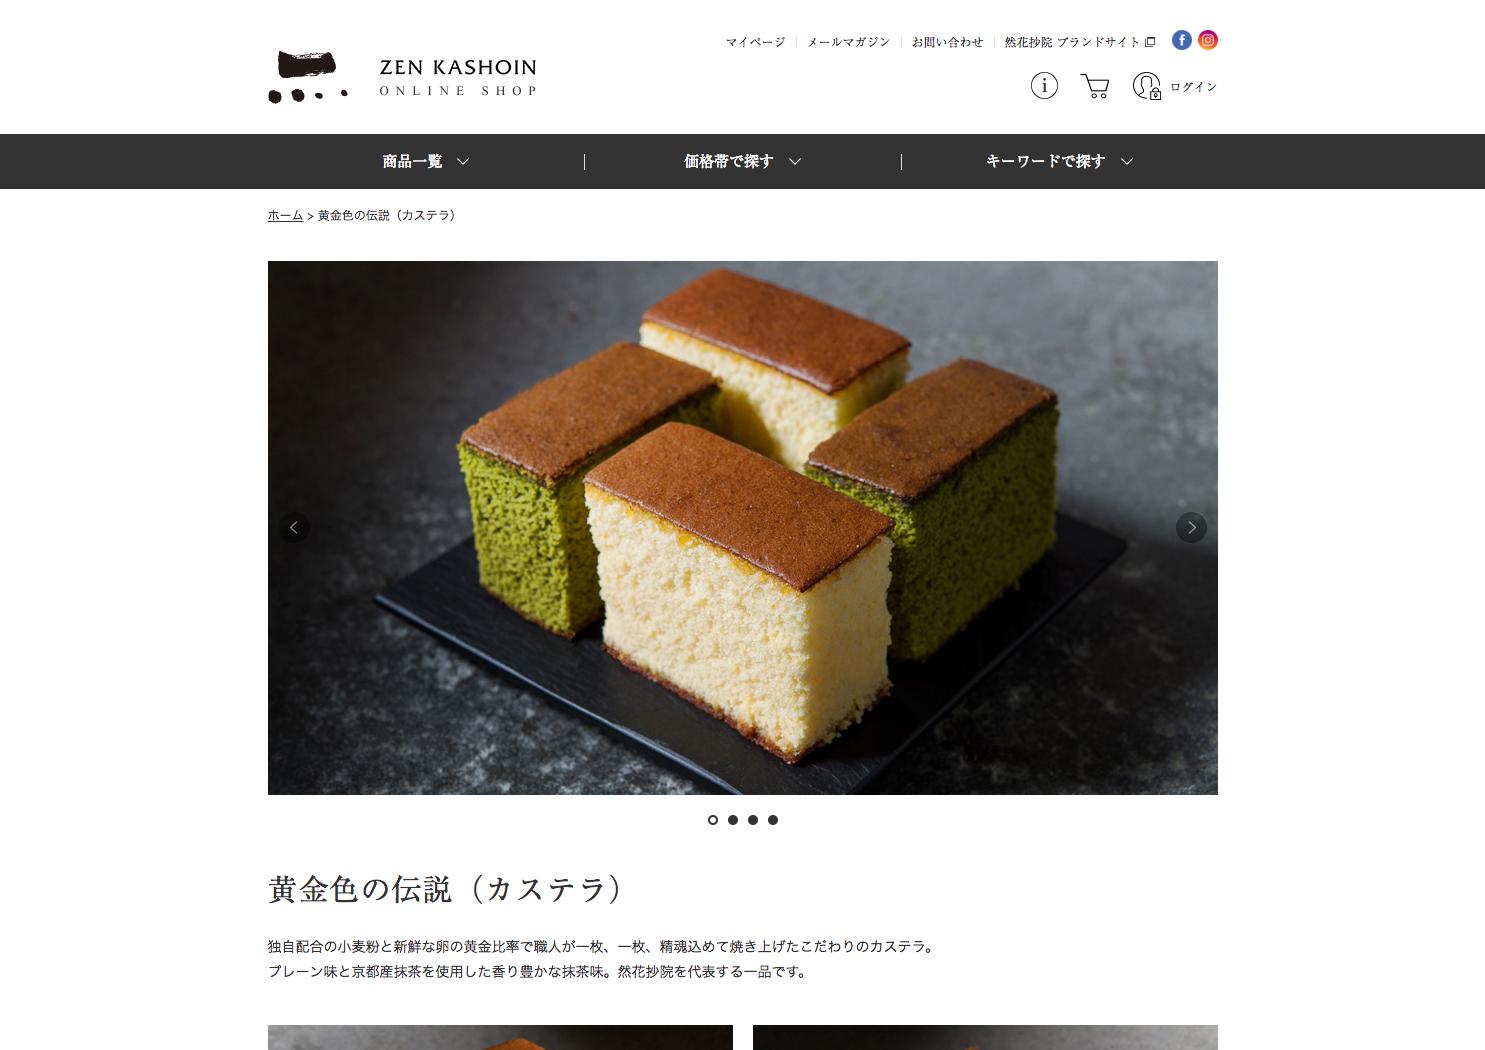 ZEN KASHOIN Official Online Shop 2018